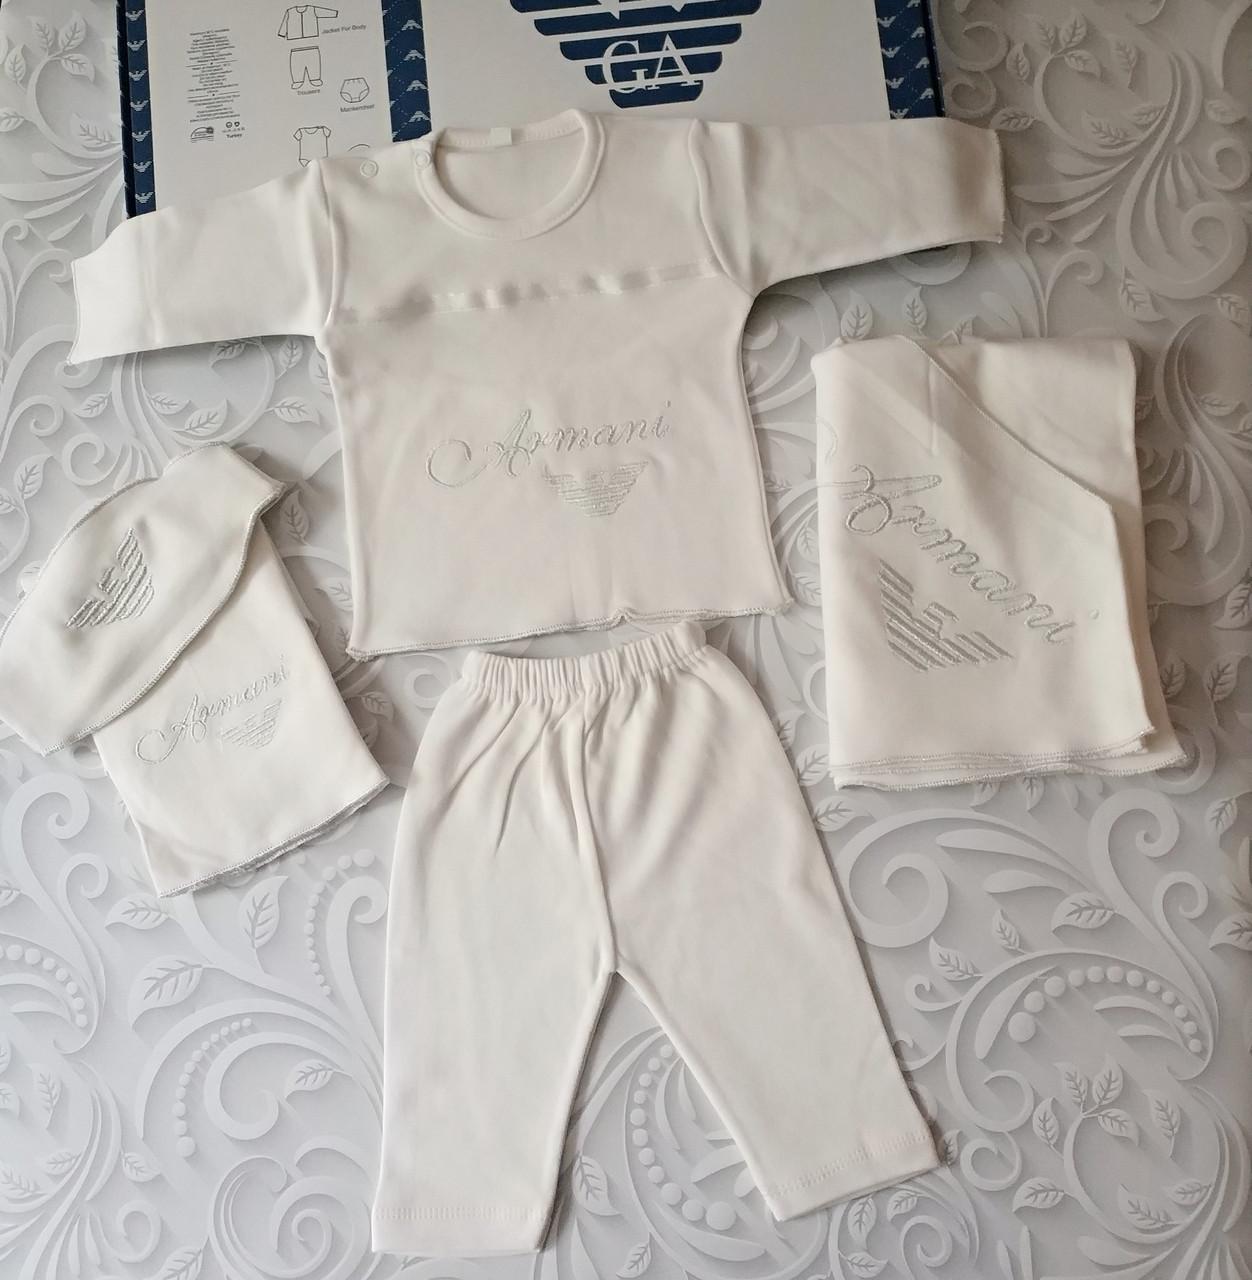 Комплект Armani на выписку, в роддом, на крещение